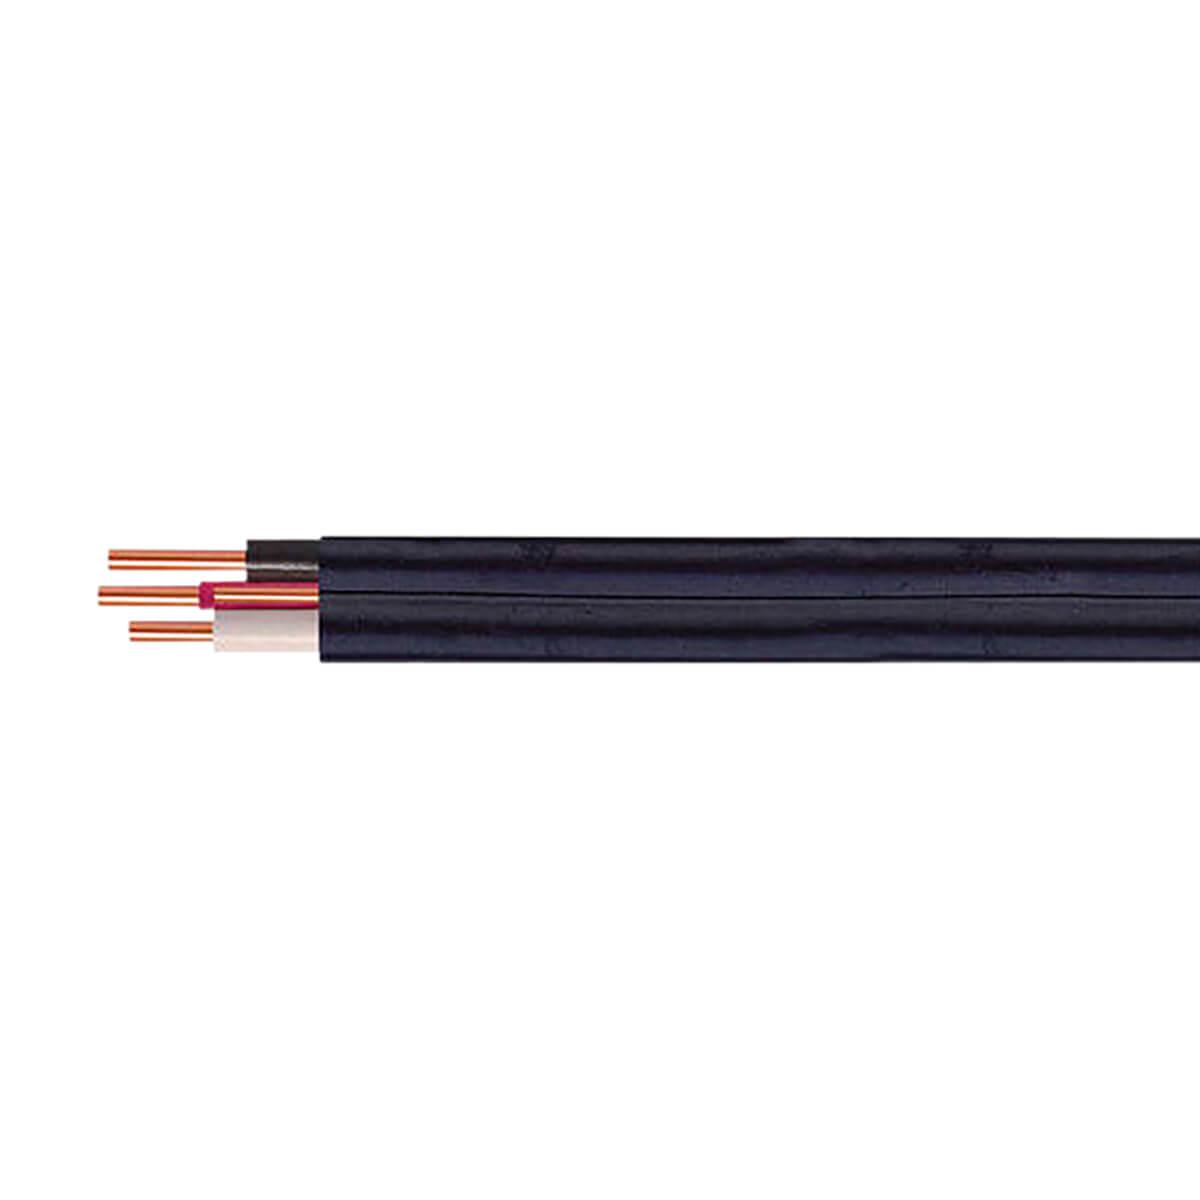 Wire NMWU 14/2 - Price Per Foot